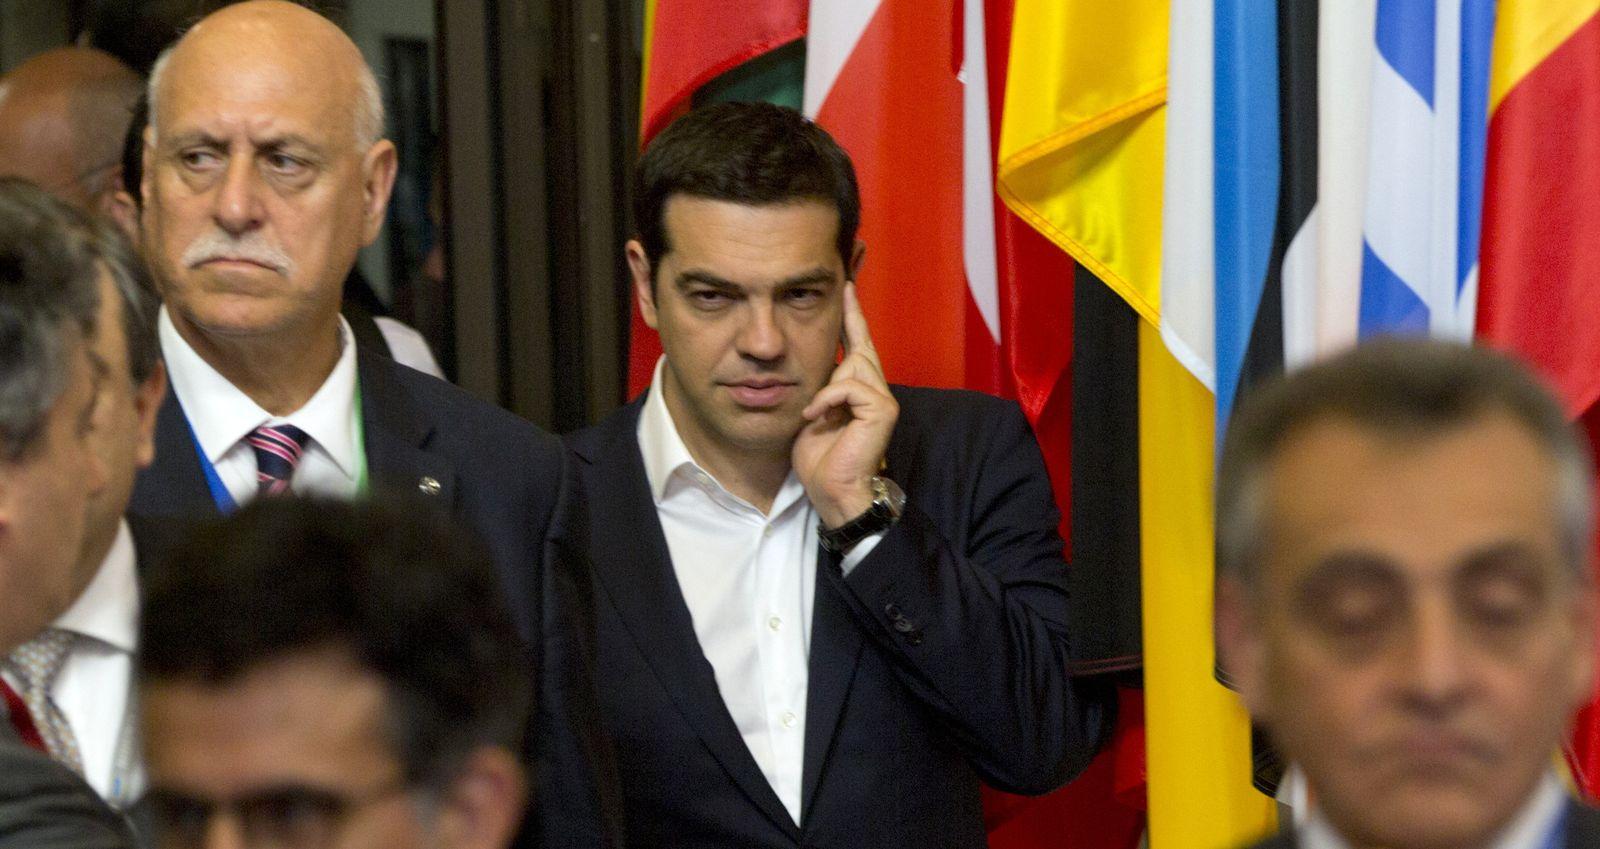 Europe Greece Bailout Tsipras